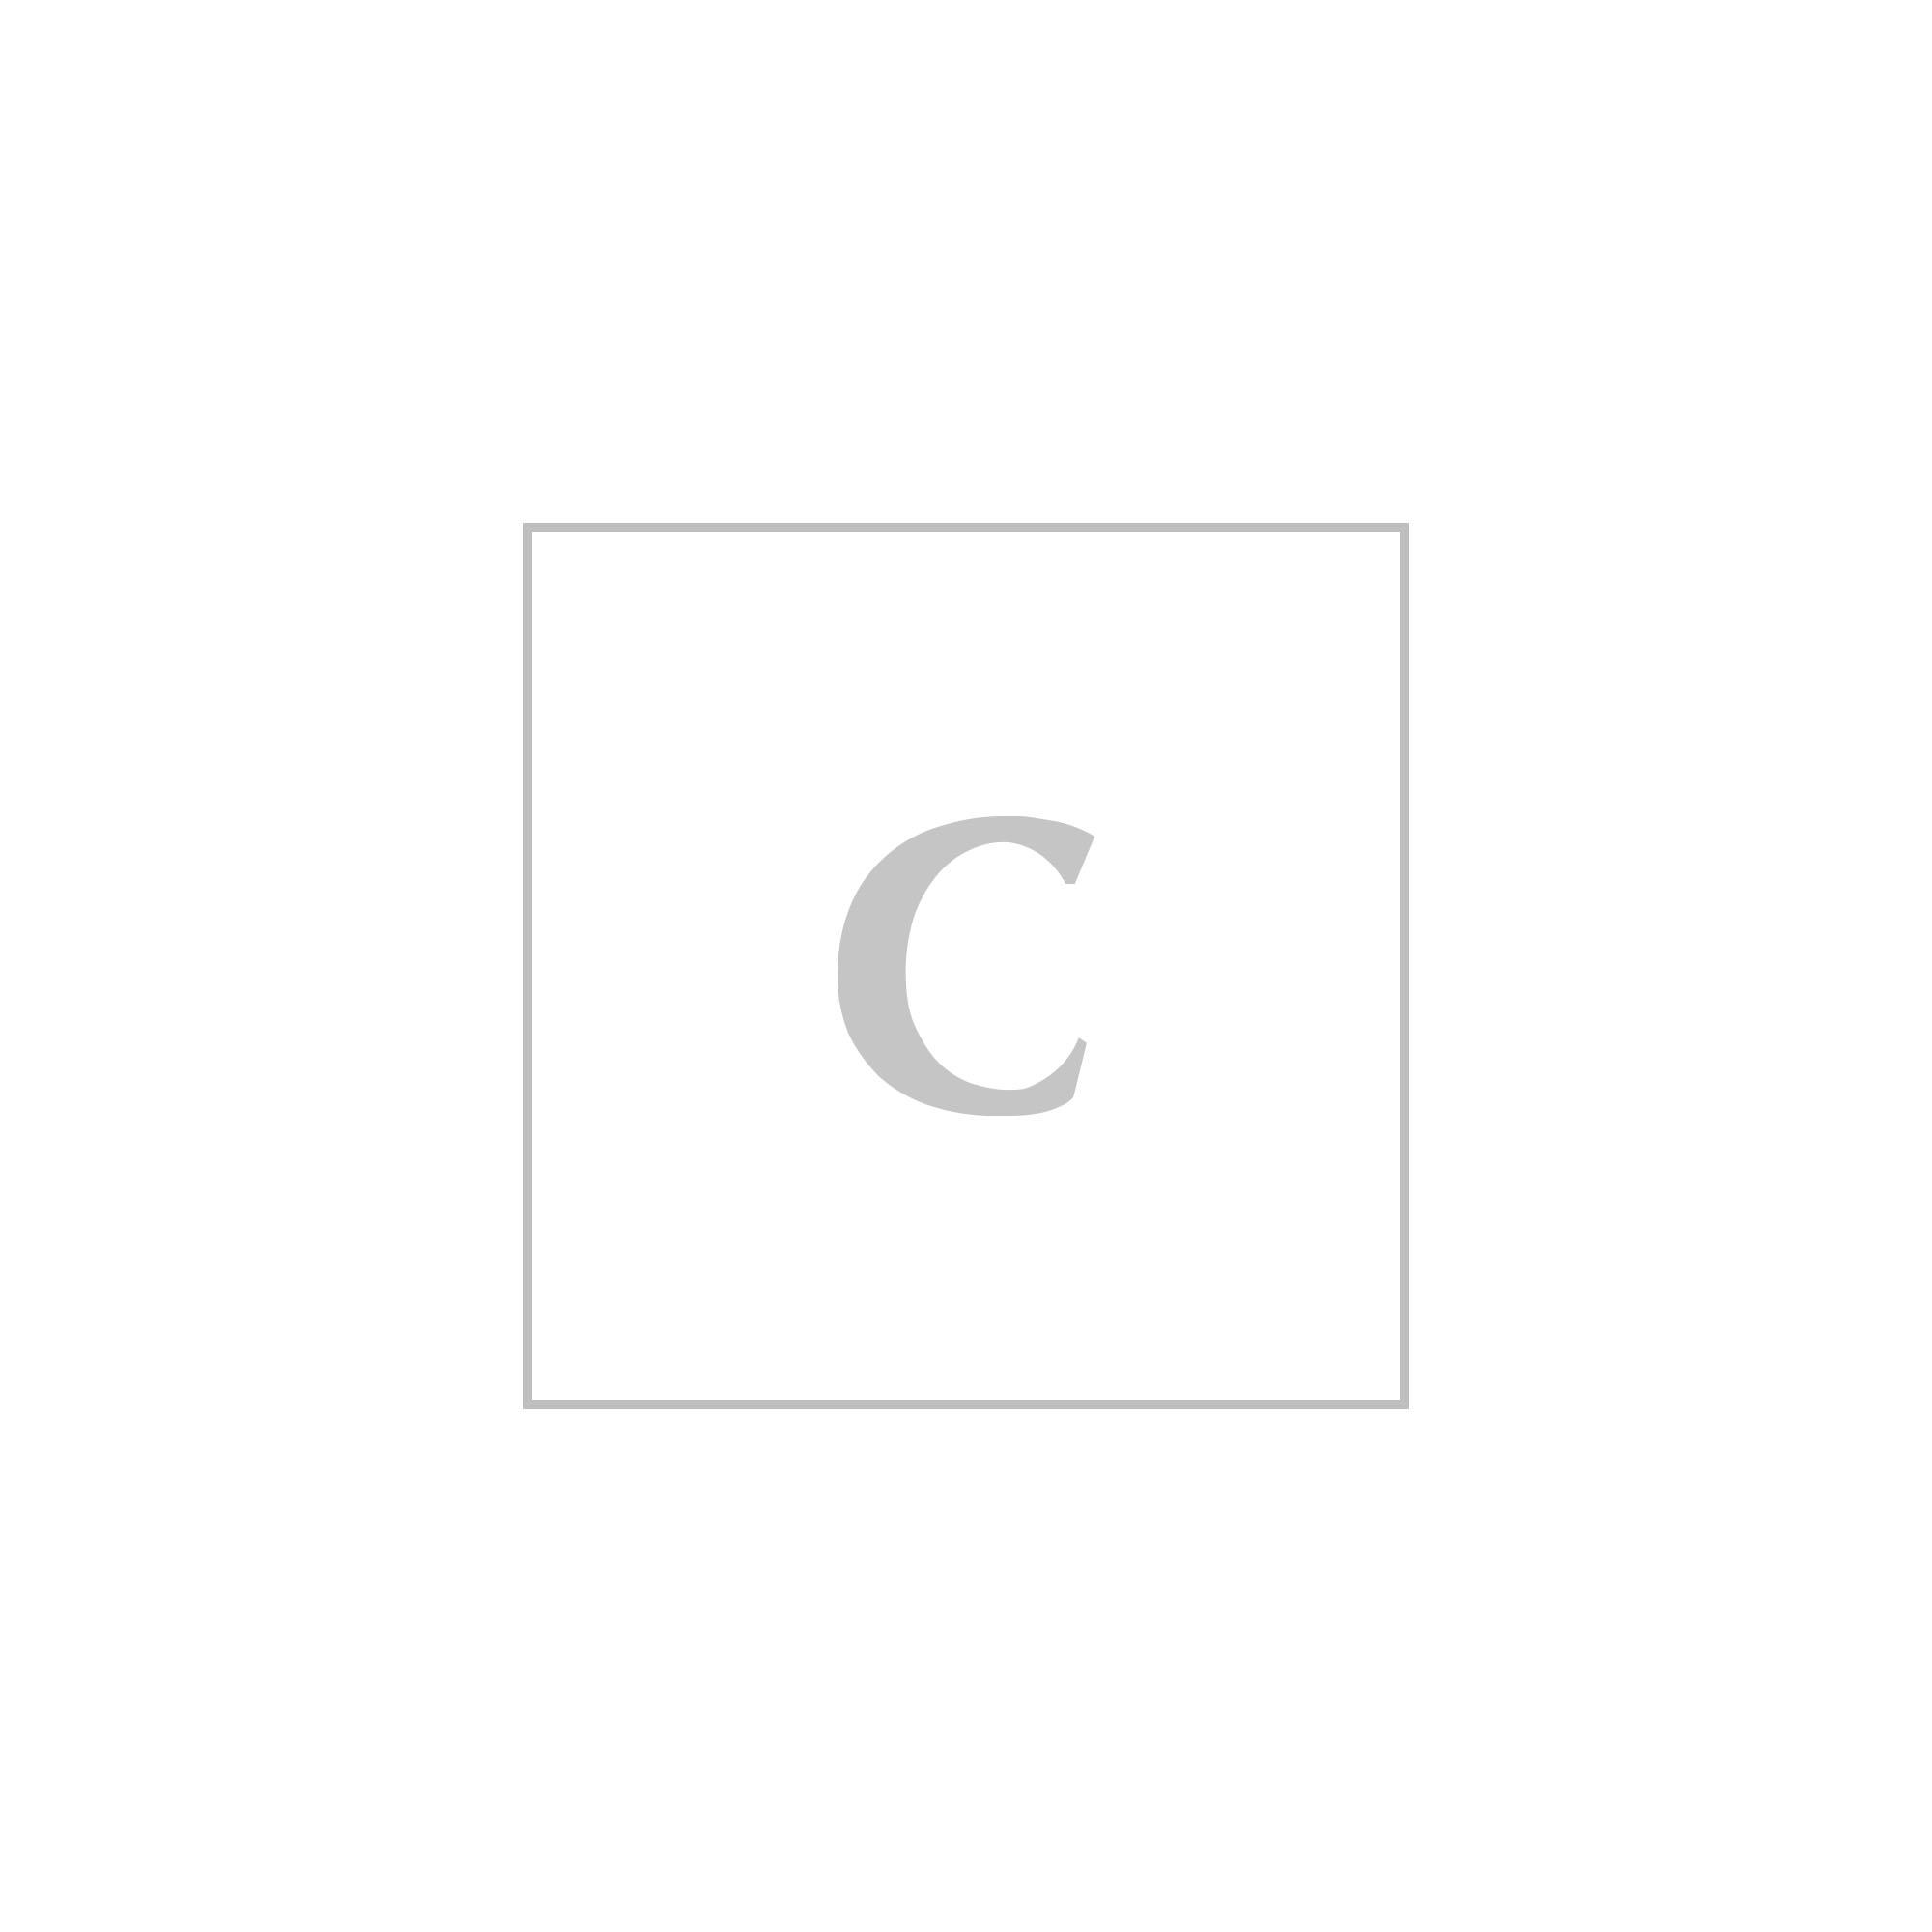 Burberry cc bill coin wallet